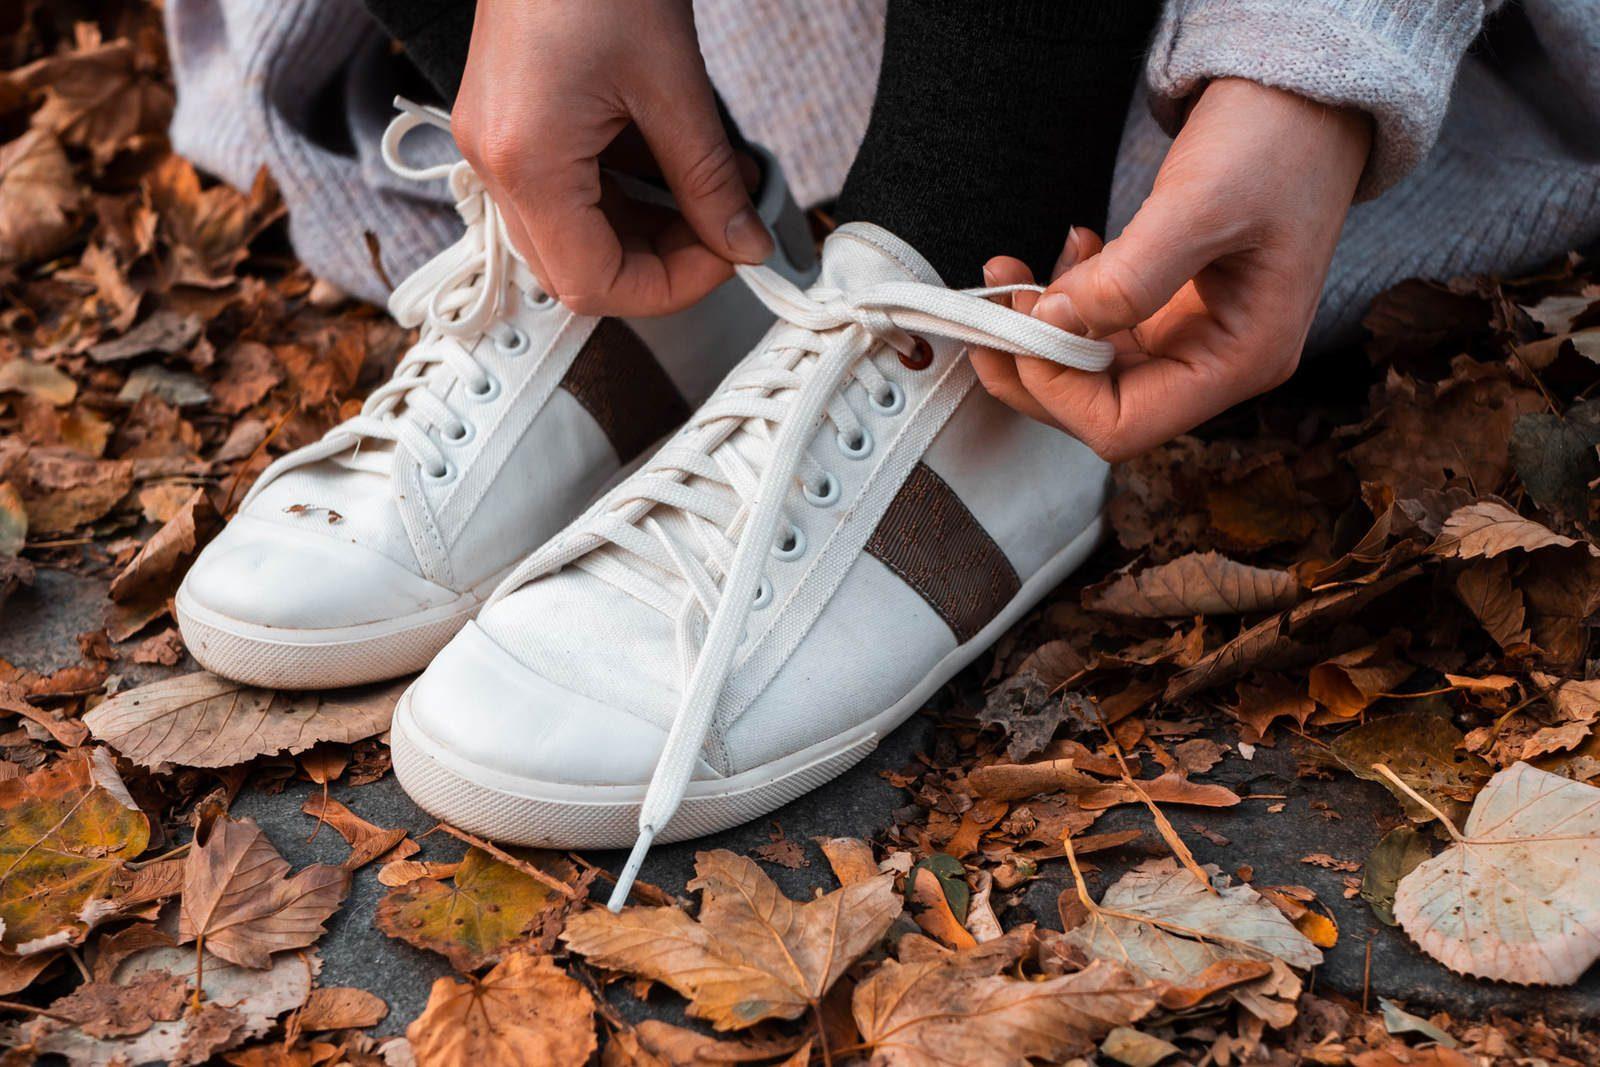 WiWi Shoes - Sneakers en coton biologique certifié GOTS et semelle en pneu recyclé - Modèle Loewy Femme - Prague - vue lacets 3_4 avant droite - portées